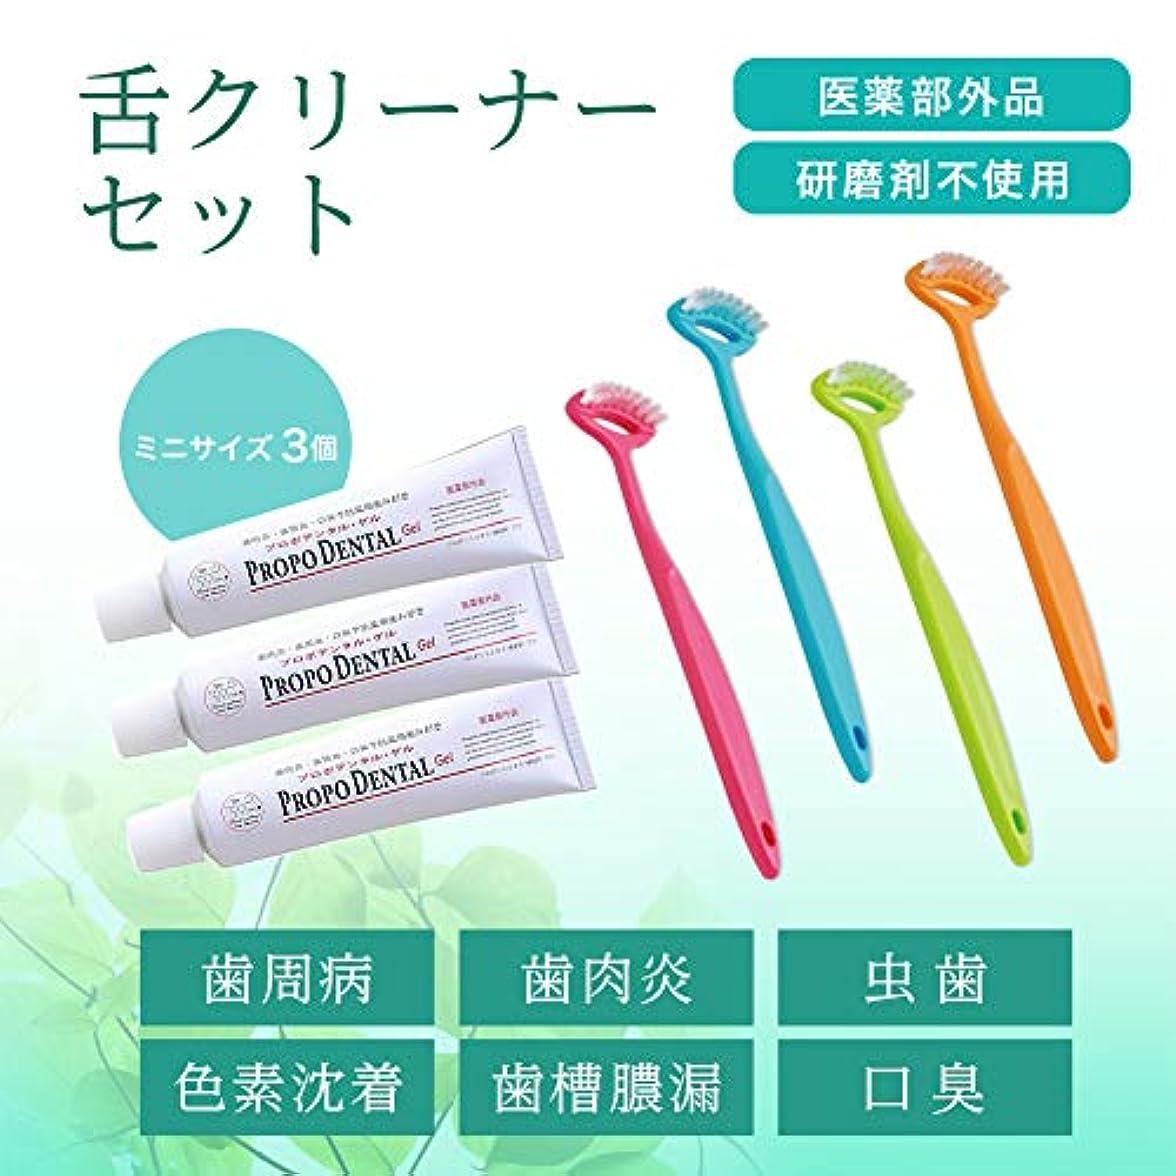 眉首便益口臭予防 舌クリーニングセット 歯磨き 舌磨き 舌クリーナー はみがき 歯磨きジェル (ゲルのミニ3本+舌クリーナー)